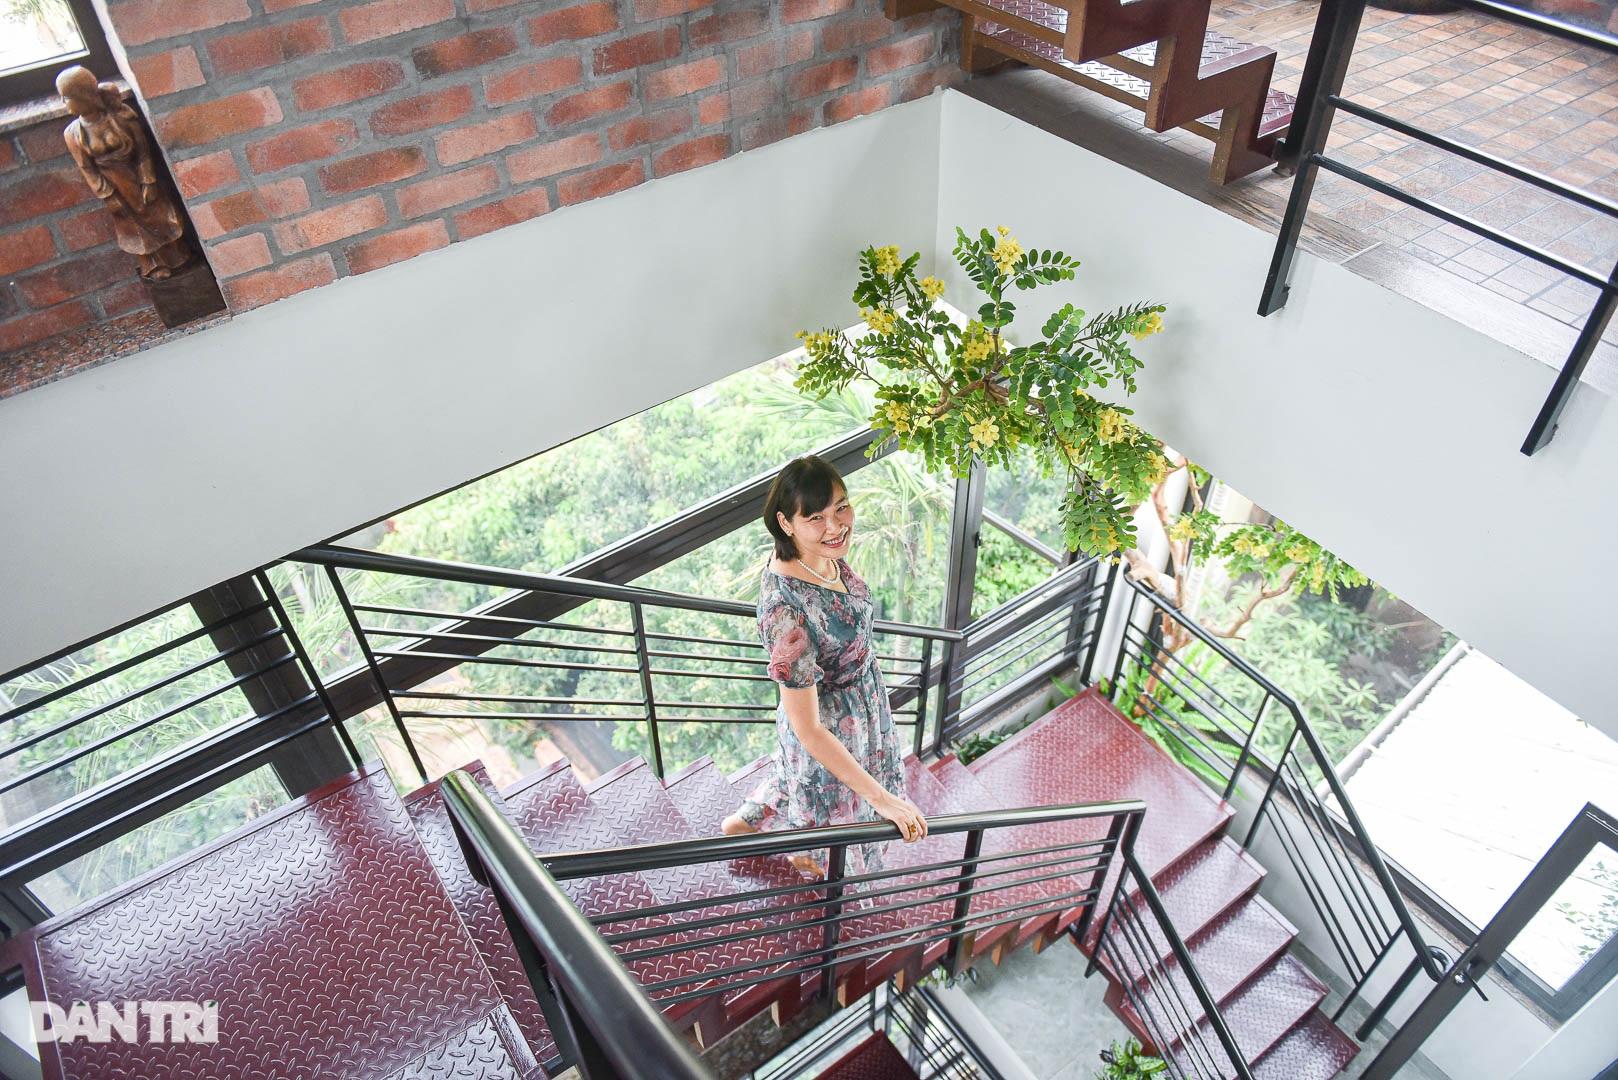 Độc đáo ngôi nhà cổ trăm tuổi rộng 100m2 tọa lạc trên nóc biệt thự ở Hà Nội - 17